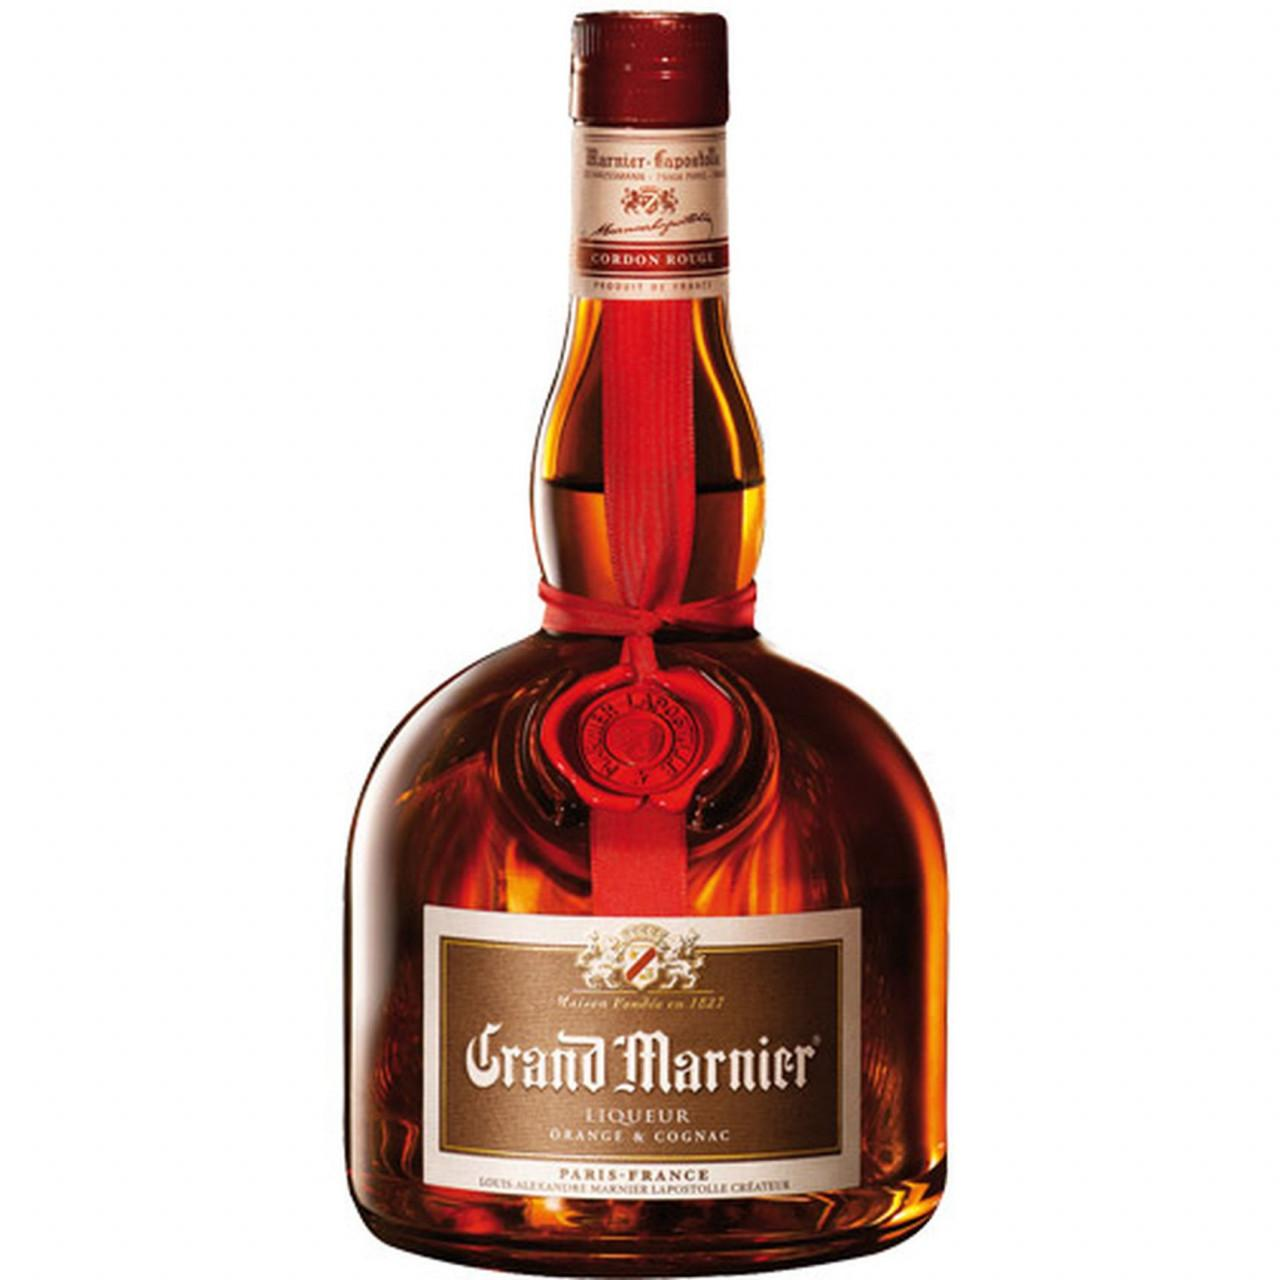 Grand Marnier Cordon Rouge 40% 0,7l